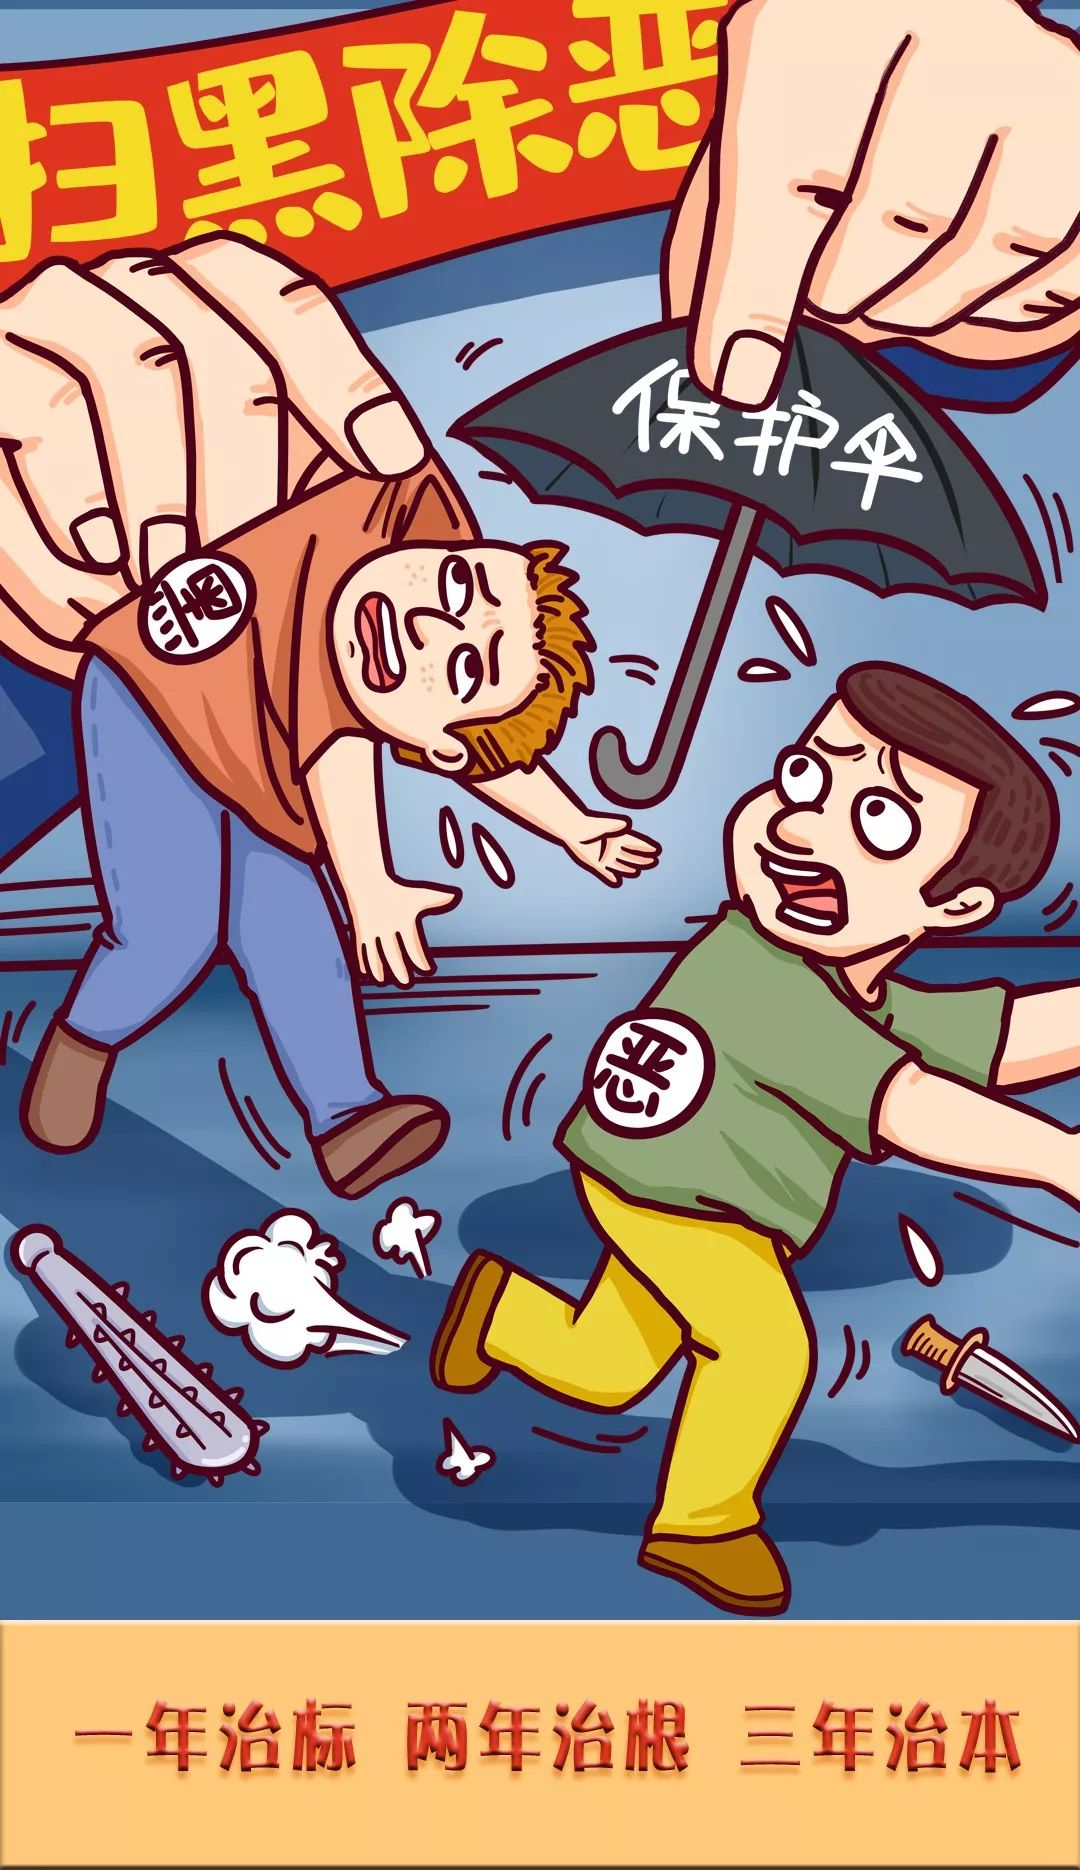 """厦门海沧区祭出扫黑除恶版""""六脉神剑"""",专治各种…… 厦门新网"""